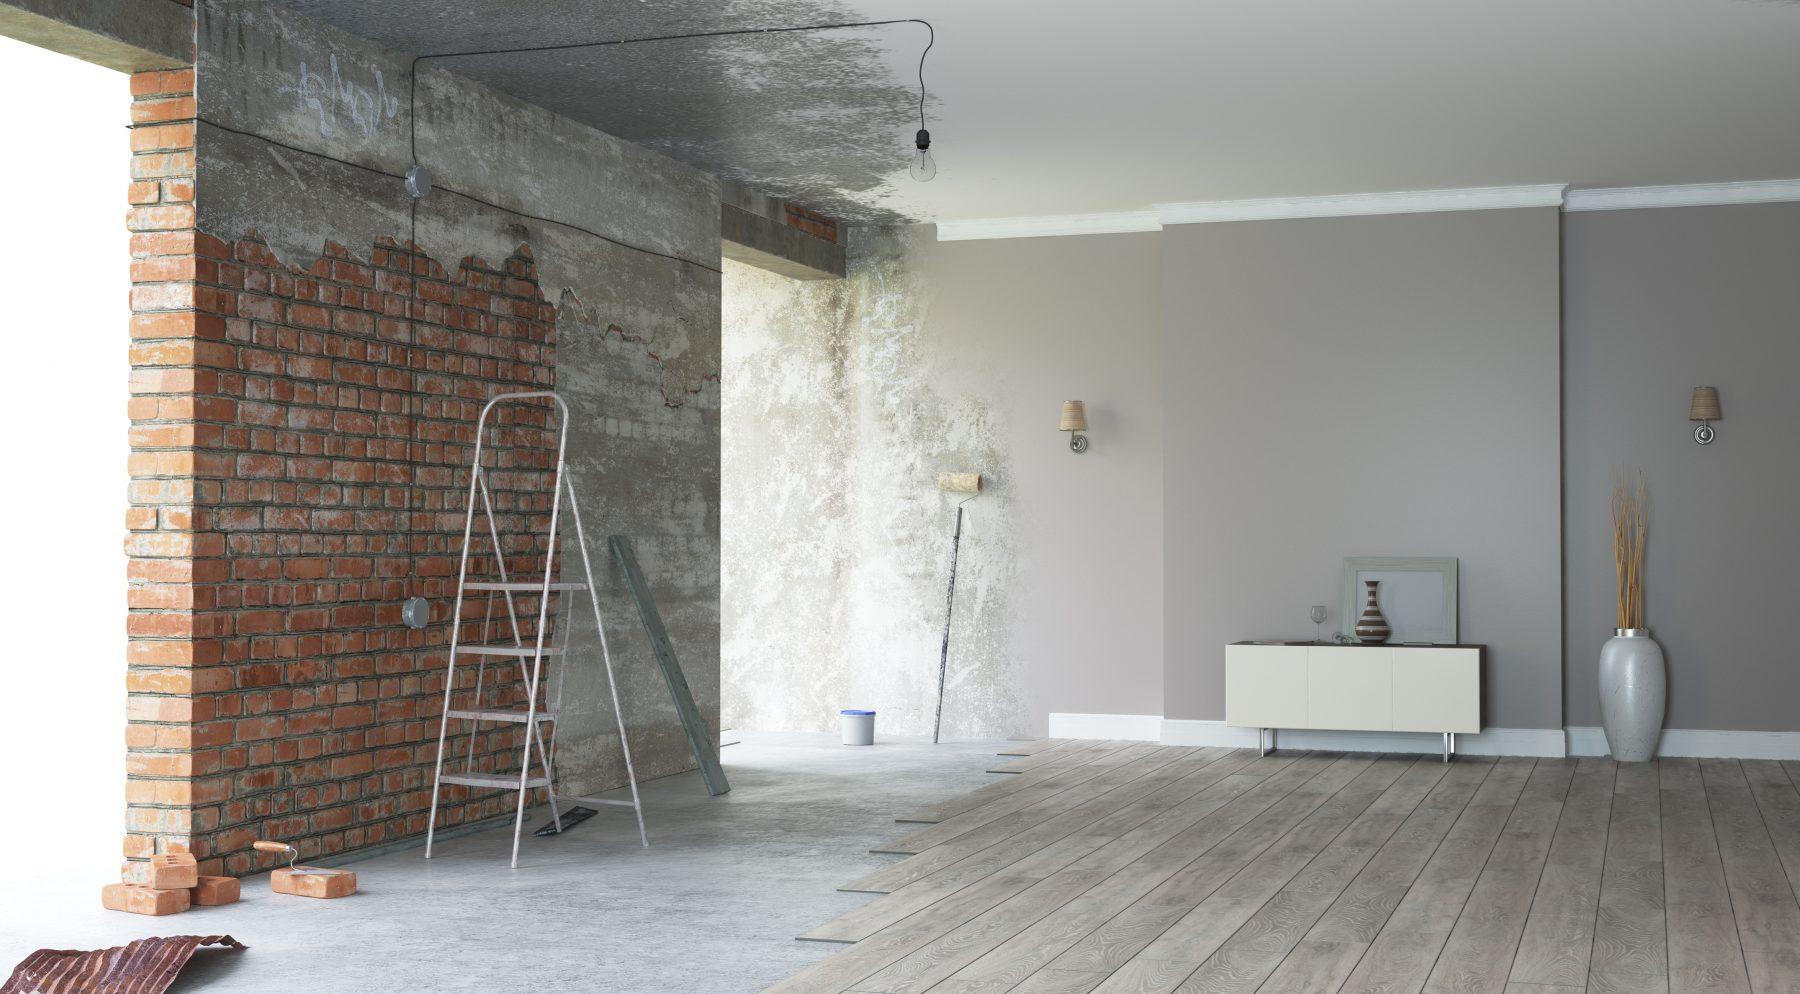 Renovatie van het interieur van een huis